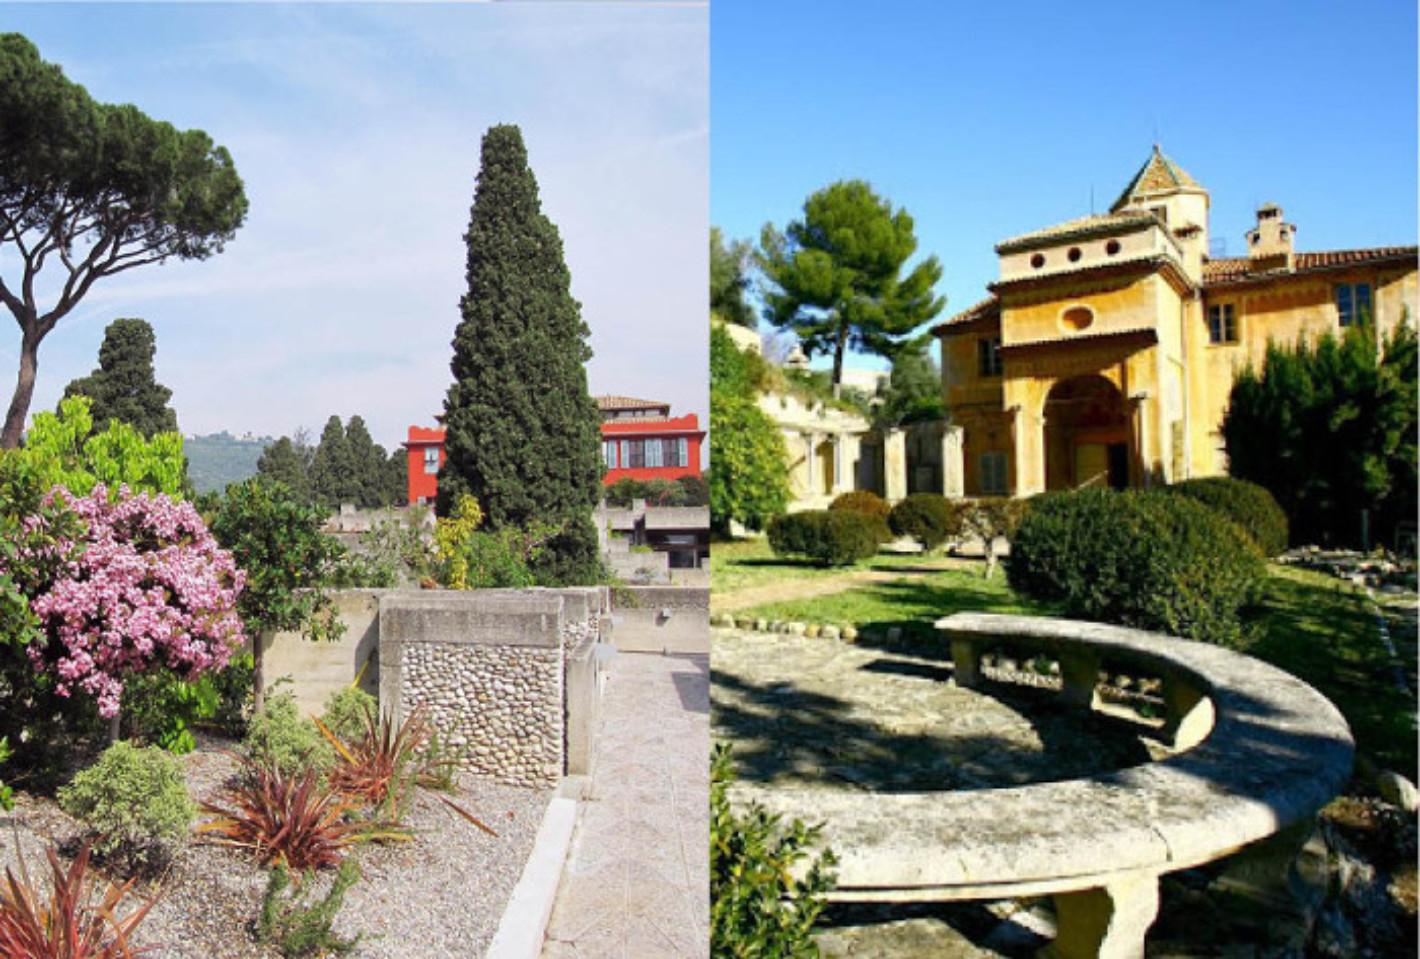 Rendez-Vous Aux Jardins : « Un Art Du Site » Transmettre L ... destiné Jardin De Reve Paysagiste